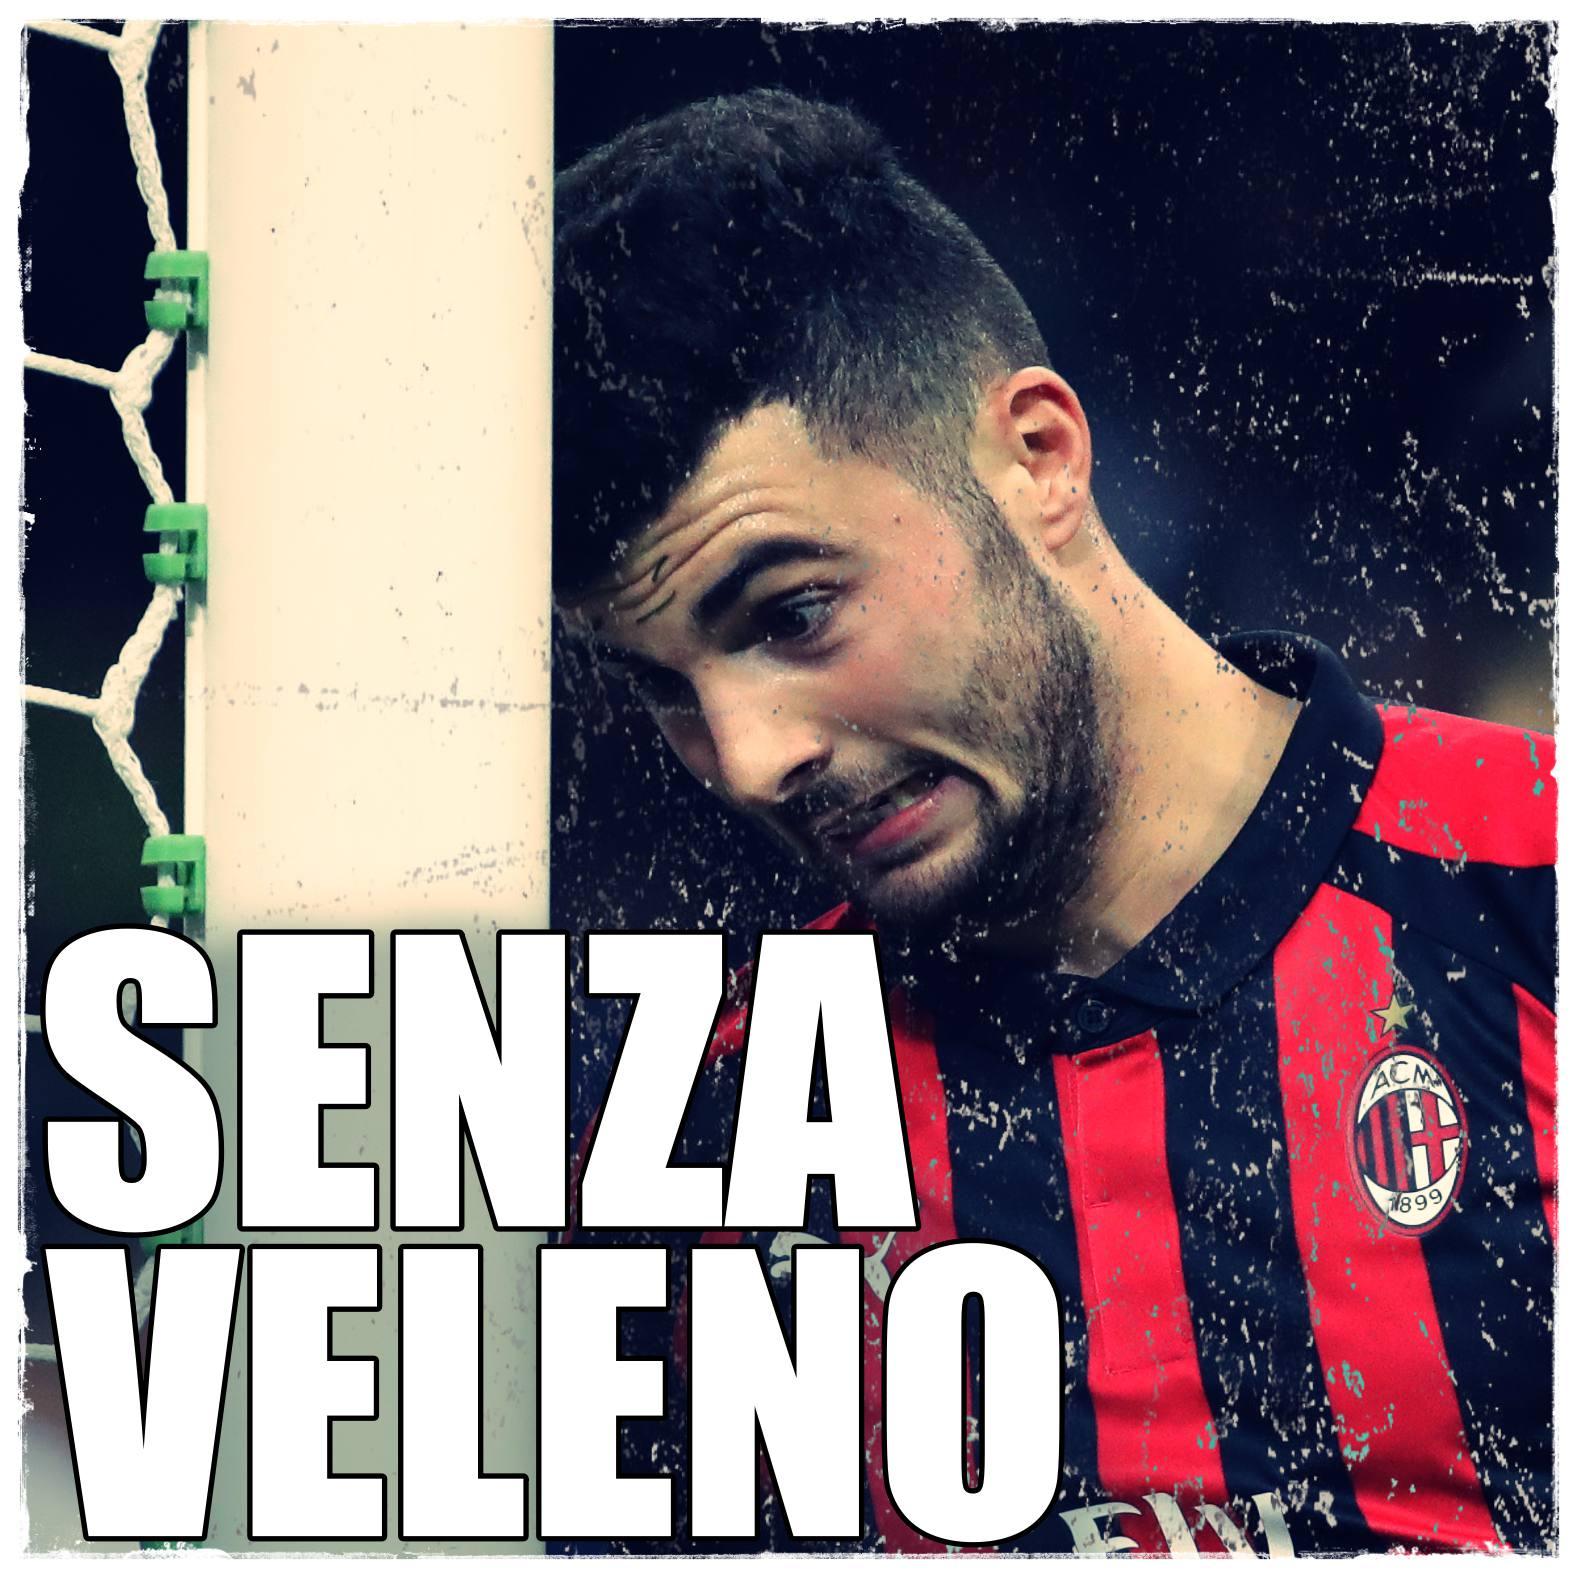 Il Milan lascia benevolmente aperta la lotta per il terzo e